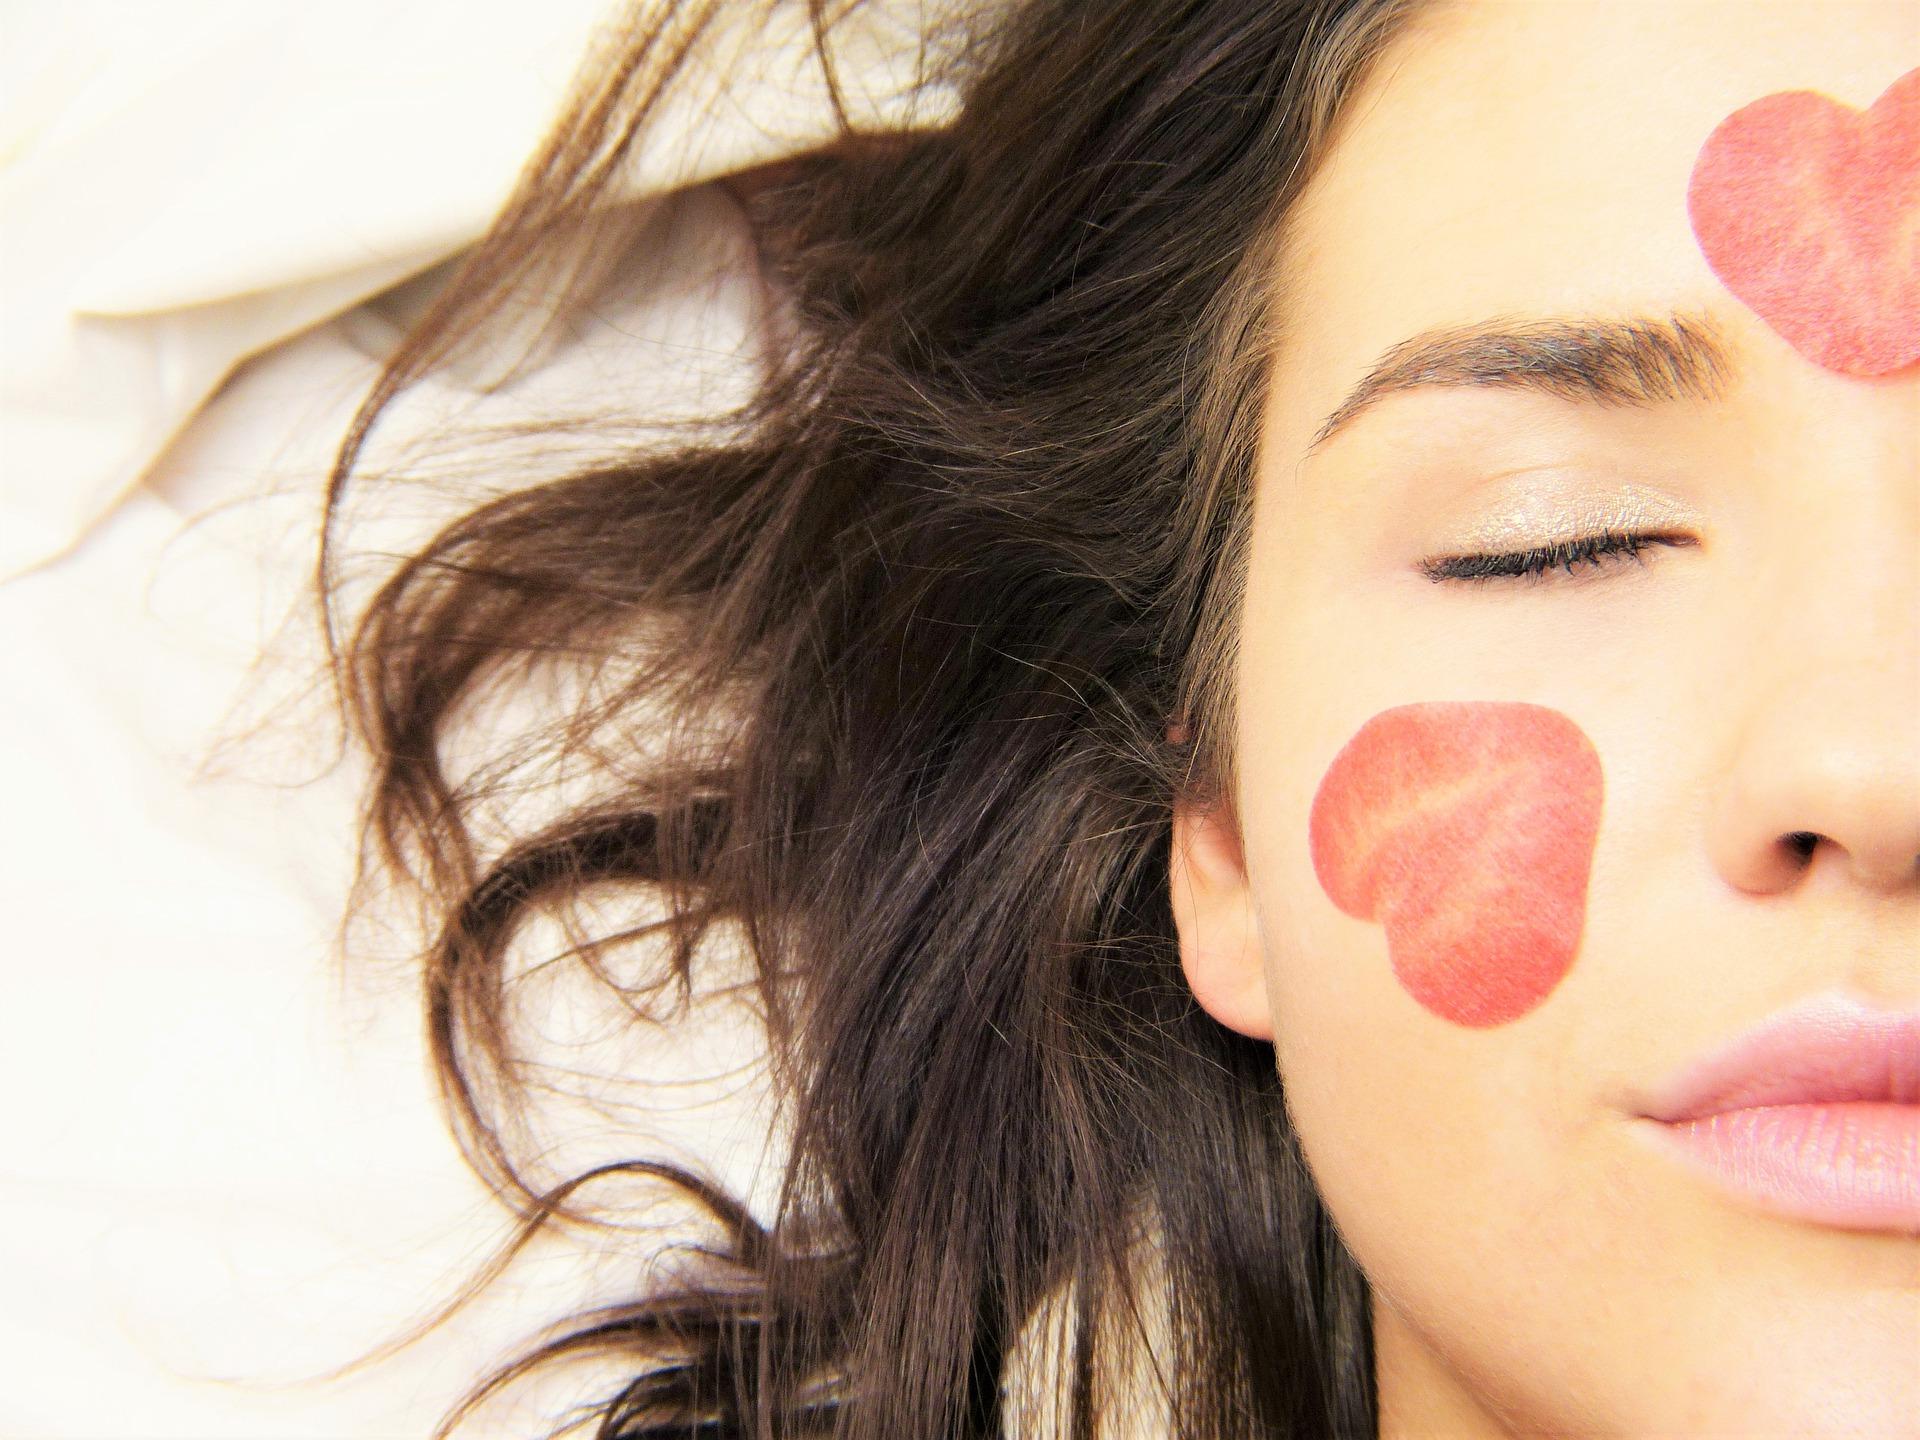 Comment prendre soin de mon visage pour lutter contre les effets du temps ? 2